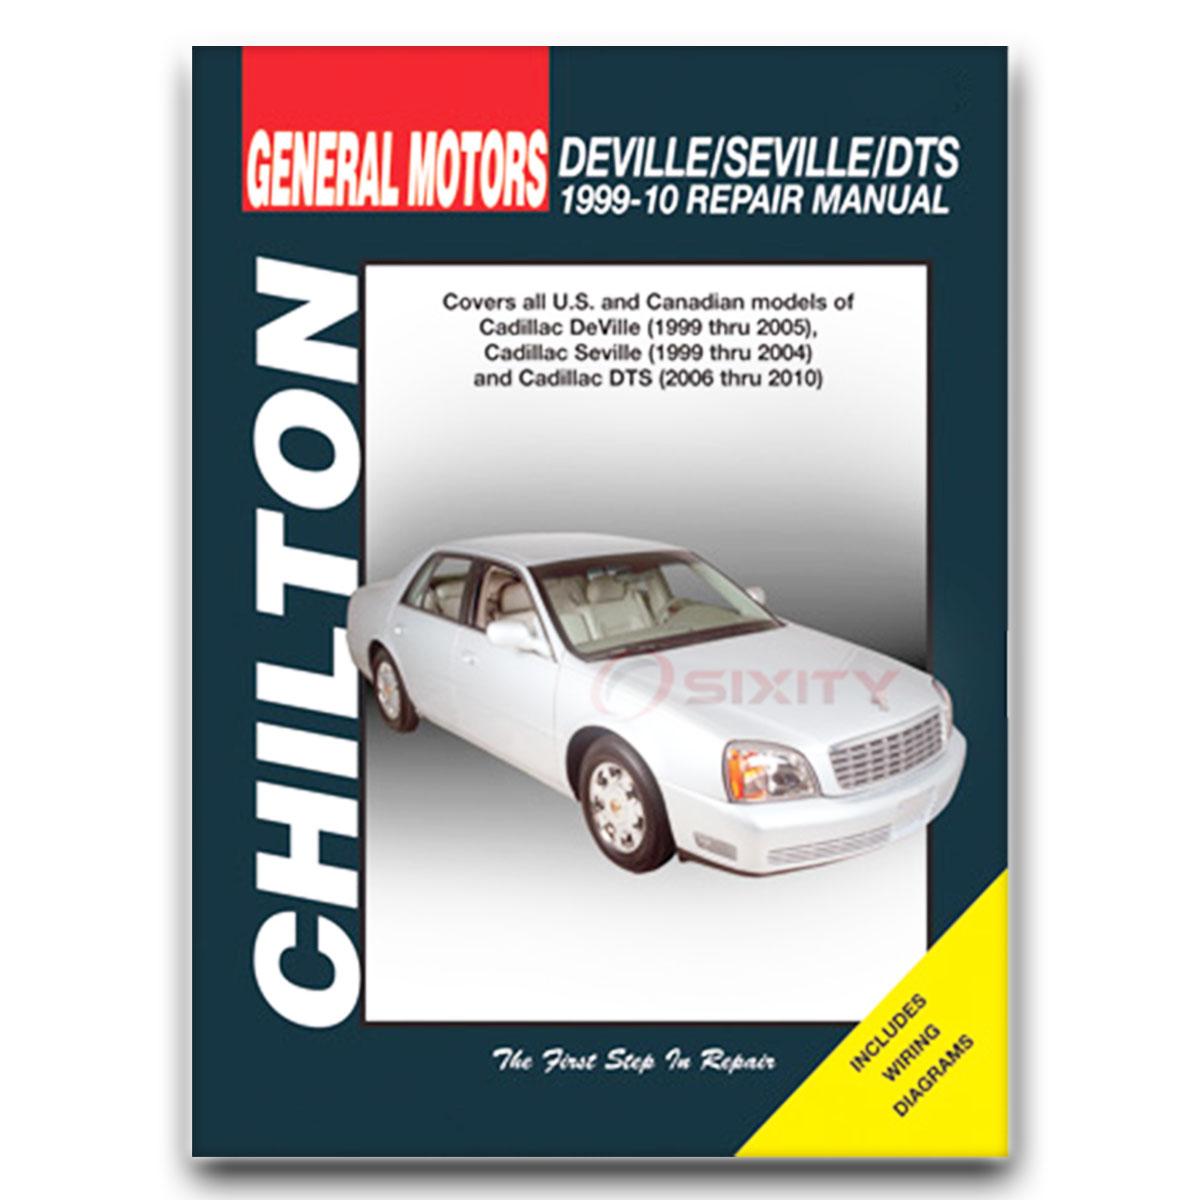 cadillac dts chilton repair manual platinum base l shop service rh ebay com 2006 Cadillac DTS Cadillac CTS